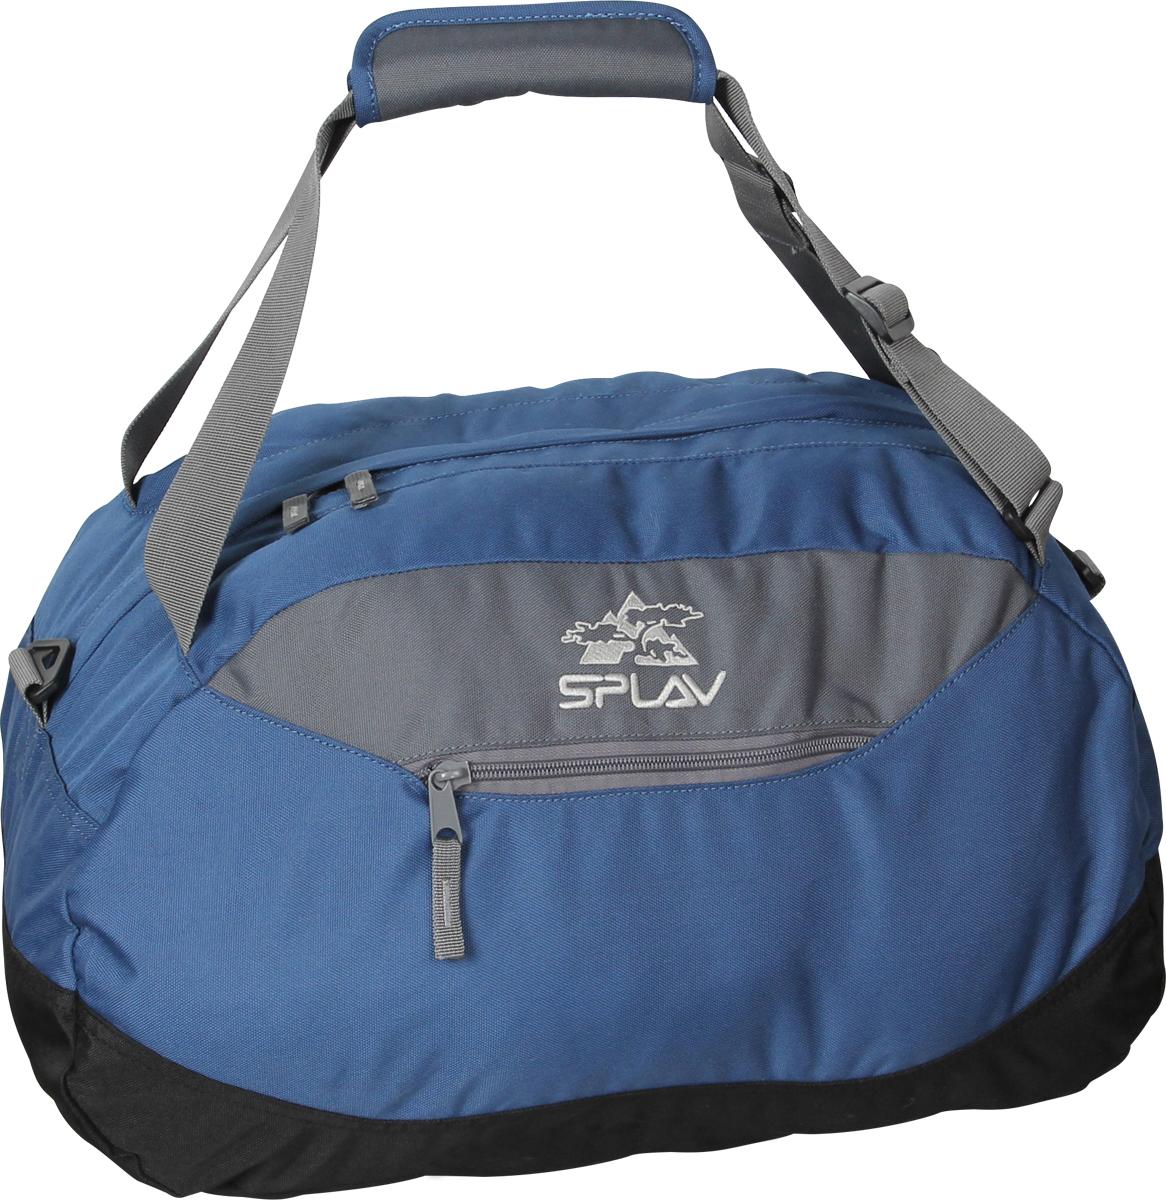 Сумка Сплав Paladin, цвет: синий. 50605605060560Лёгкая спортивная сумка.Небольшой боковой кармашек на молнии. Съемная плечевая лямка. Вечерние тренировки, поездки на выходные, командировки и путешествия… Она легко умещается на багажных полках самолетов и трансатлантических лайнеров, компактно укладывается в багажник машины, удобно ложится в руку или устраивается на вашем плече.Собственный вес сумки всего 428 г.Регулируемые плечевые лямки позволяют носить сумку за спиной, как рюкзак, и компактно стягиваются, чтобы не мешать при погрузке. В случае ручной переноски сумки, лямки можно собрать вместе при помощи накладки на липучке.Съемная плечевая лямка обладает достаточной шириной (40мм), чтобы не давить на плечо.Занимая в сложенном виде гораздо меньше места, чем рюкзаки и чемоданы, эта сумка имеет достаточный внутренний объем, для того, чтобы вместить вещи для коротких поездок, ручную кладь во время перелетов или форму для спортивных тренировок.Удобно расположенный небольшой кармашек на молнии незаменим для документов и мелочей.Сумка изготовлена из прочного современного материала, который рассчитан на серьезные нагрузки, обладает водоотталкивающим эффектом, не выгорает и неприхотлив в уходе.Качественная фурнитура никогда не подведет в самый ответственный момент, и вам не придется расстегивать молнию пассатижами или связывать стропы хитрыми узлами.Вес: 428 г. Размеры: 50x30x25 см. Ширина плечевой лямки: 40 мм.